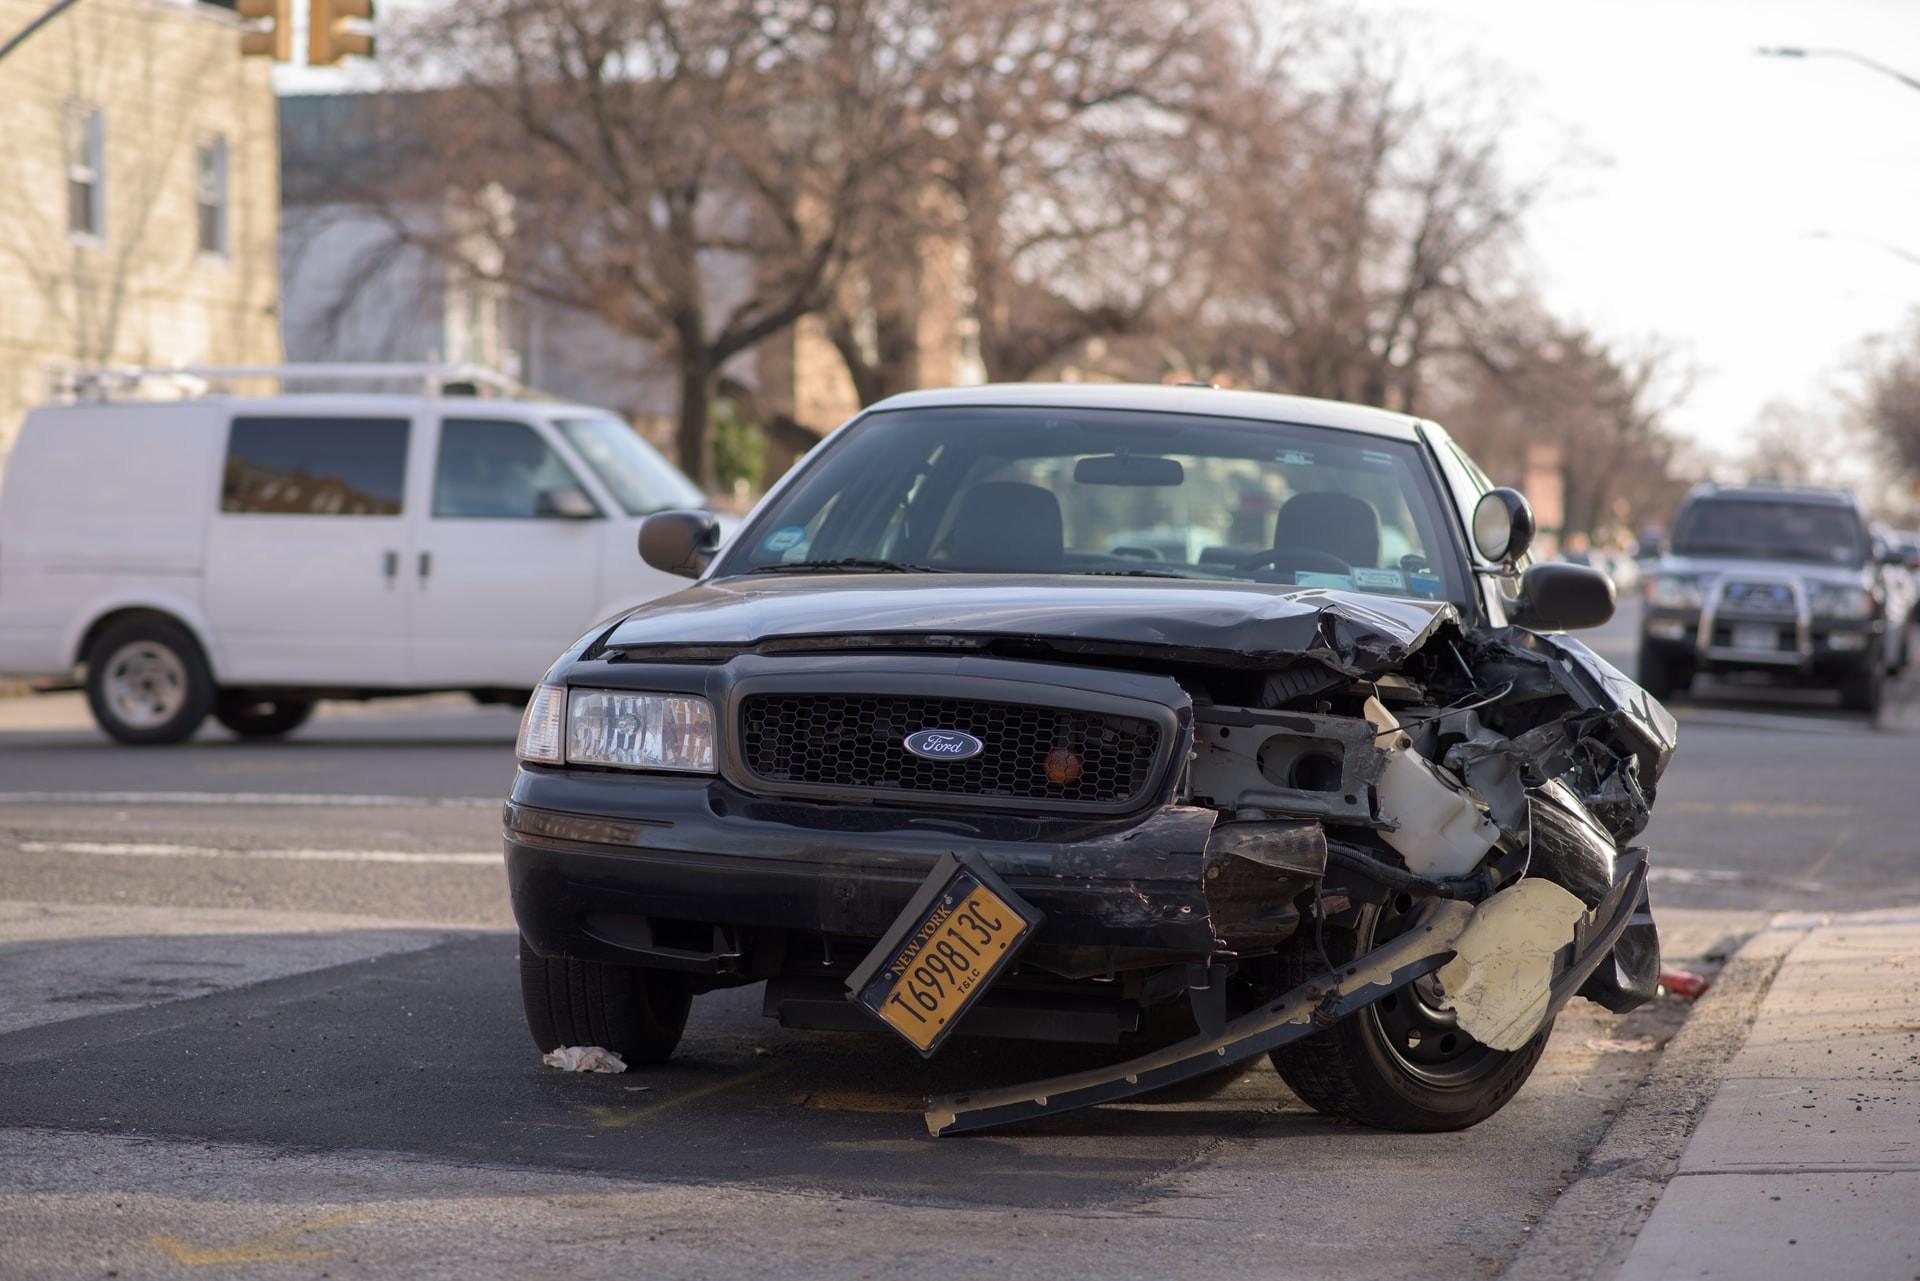 Unfall: Muss ich helfen, auch wenn ich keine Erste-Hilfe-Ausbildung habe?